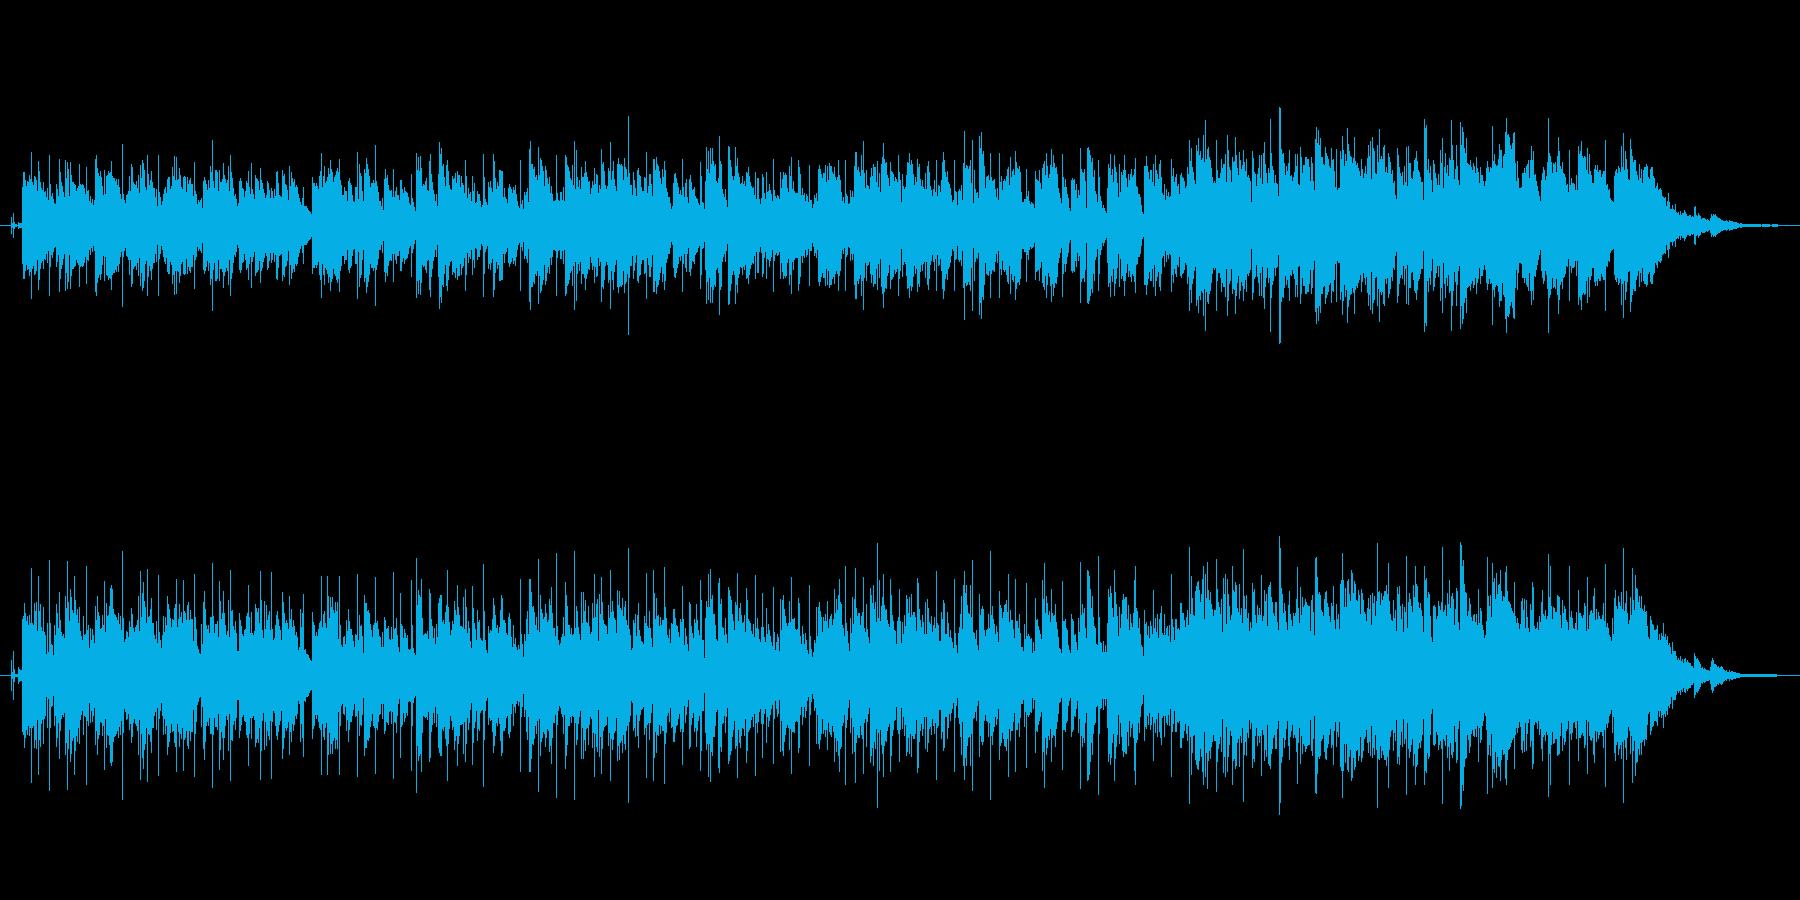 しっとりとしたミディアム・フュージョンの再生済みの波形